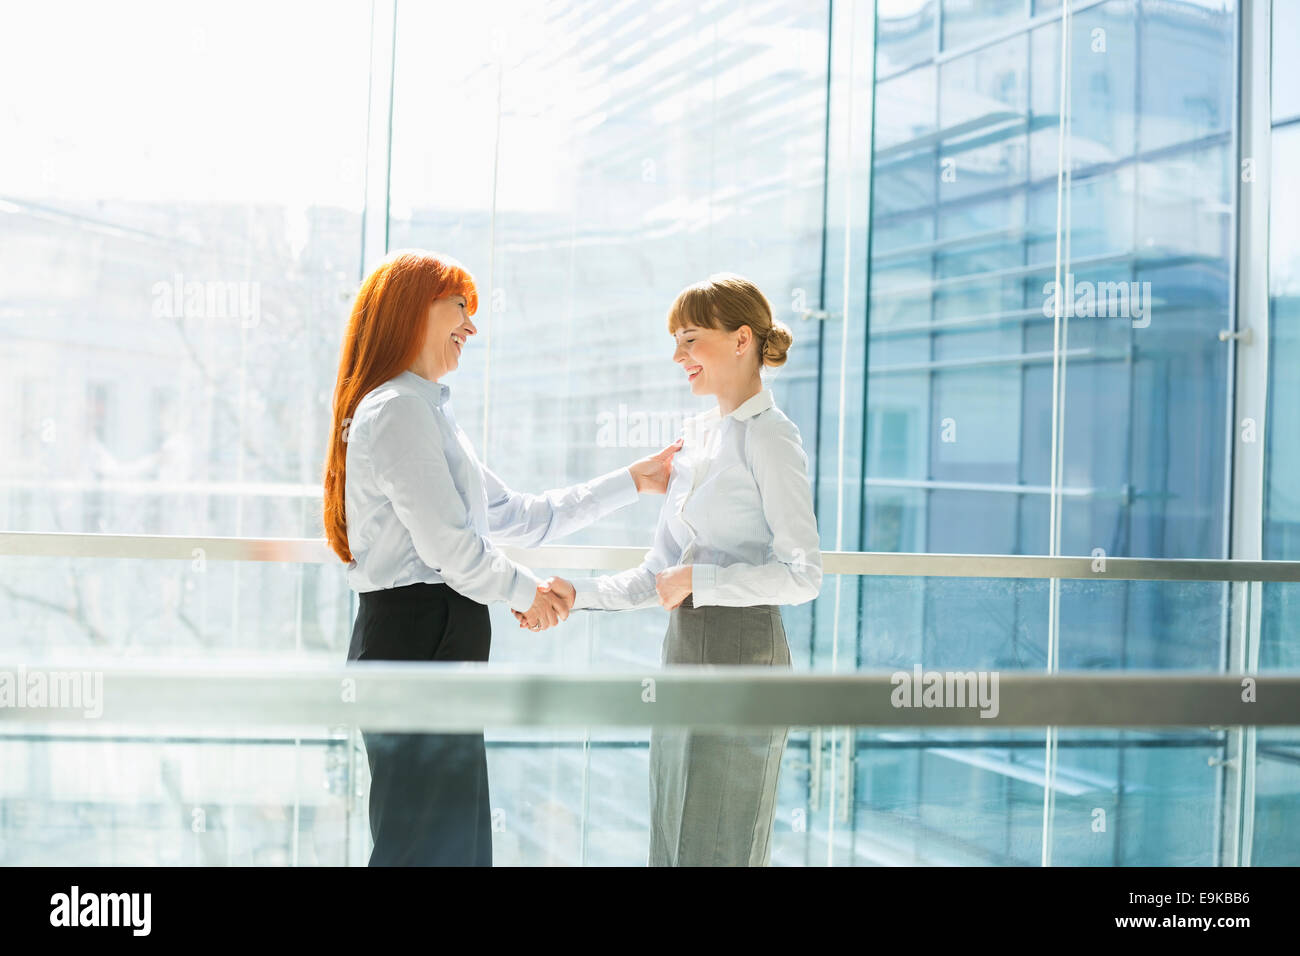 Happy businesswomen shaking hands in office - Stock Image